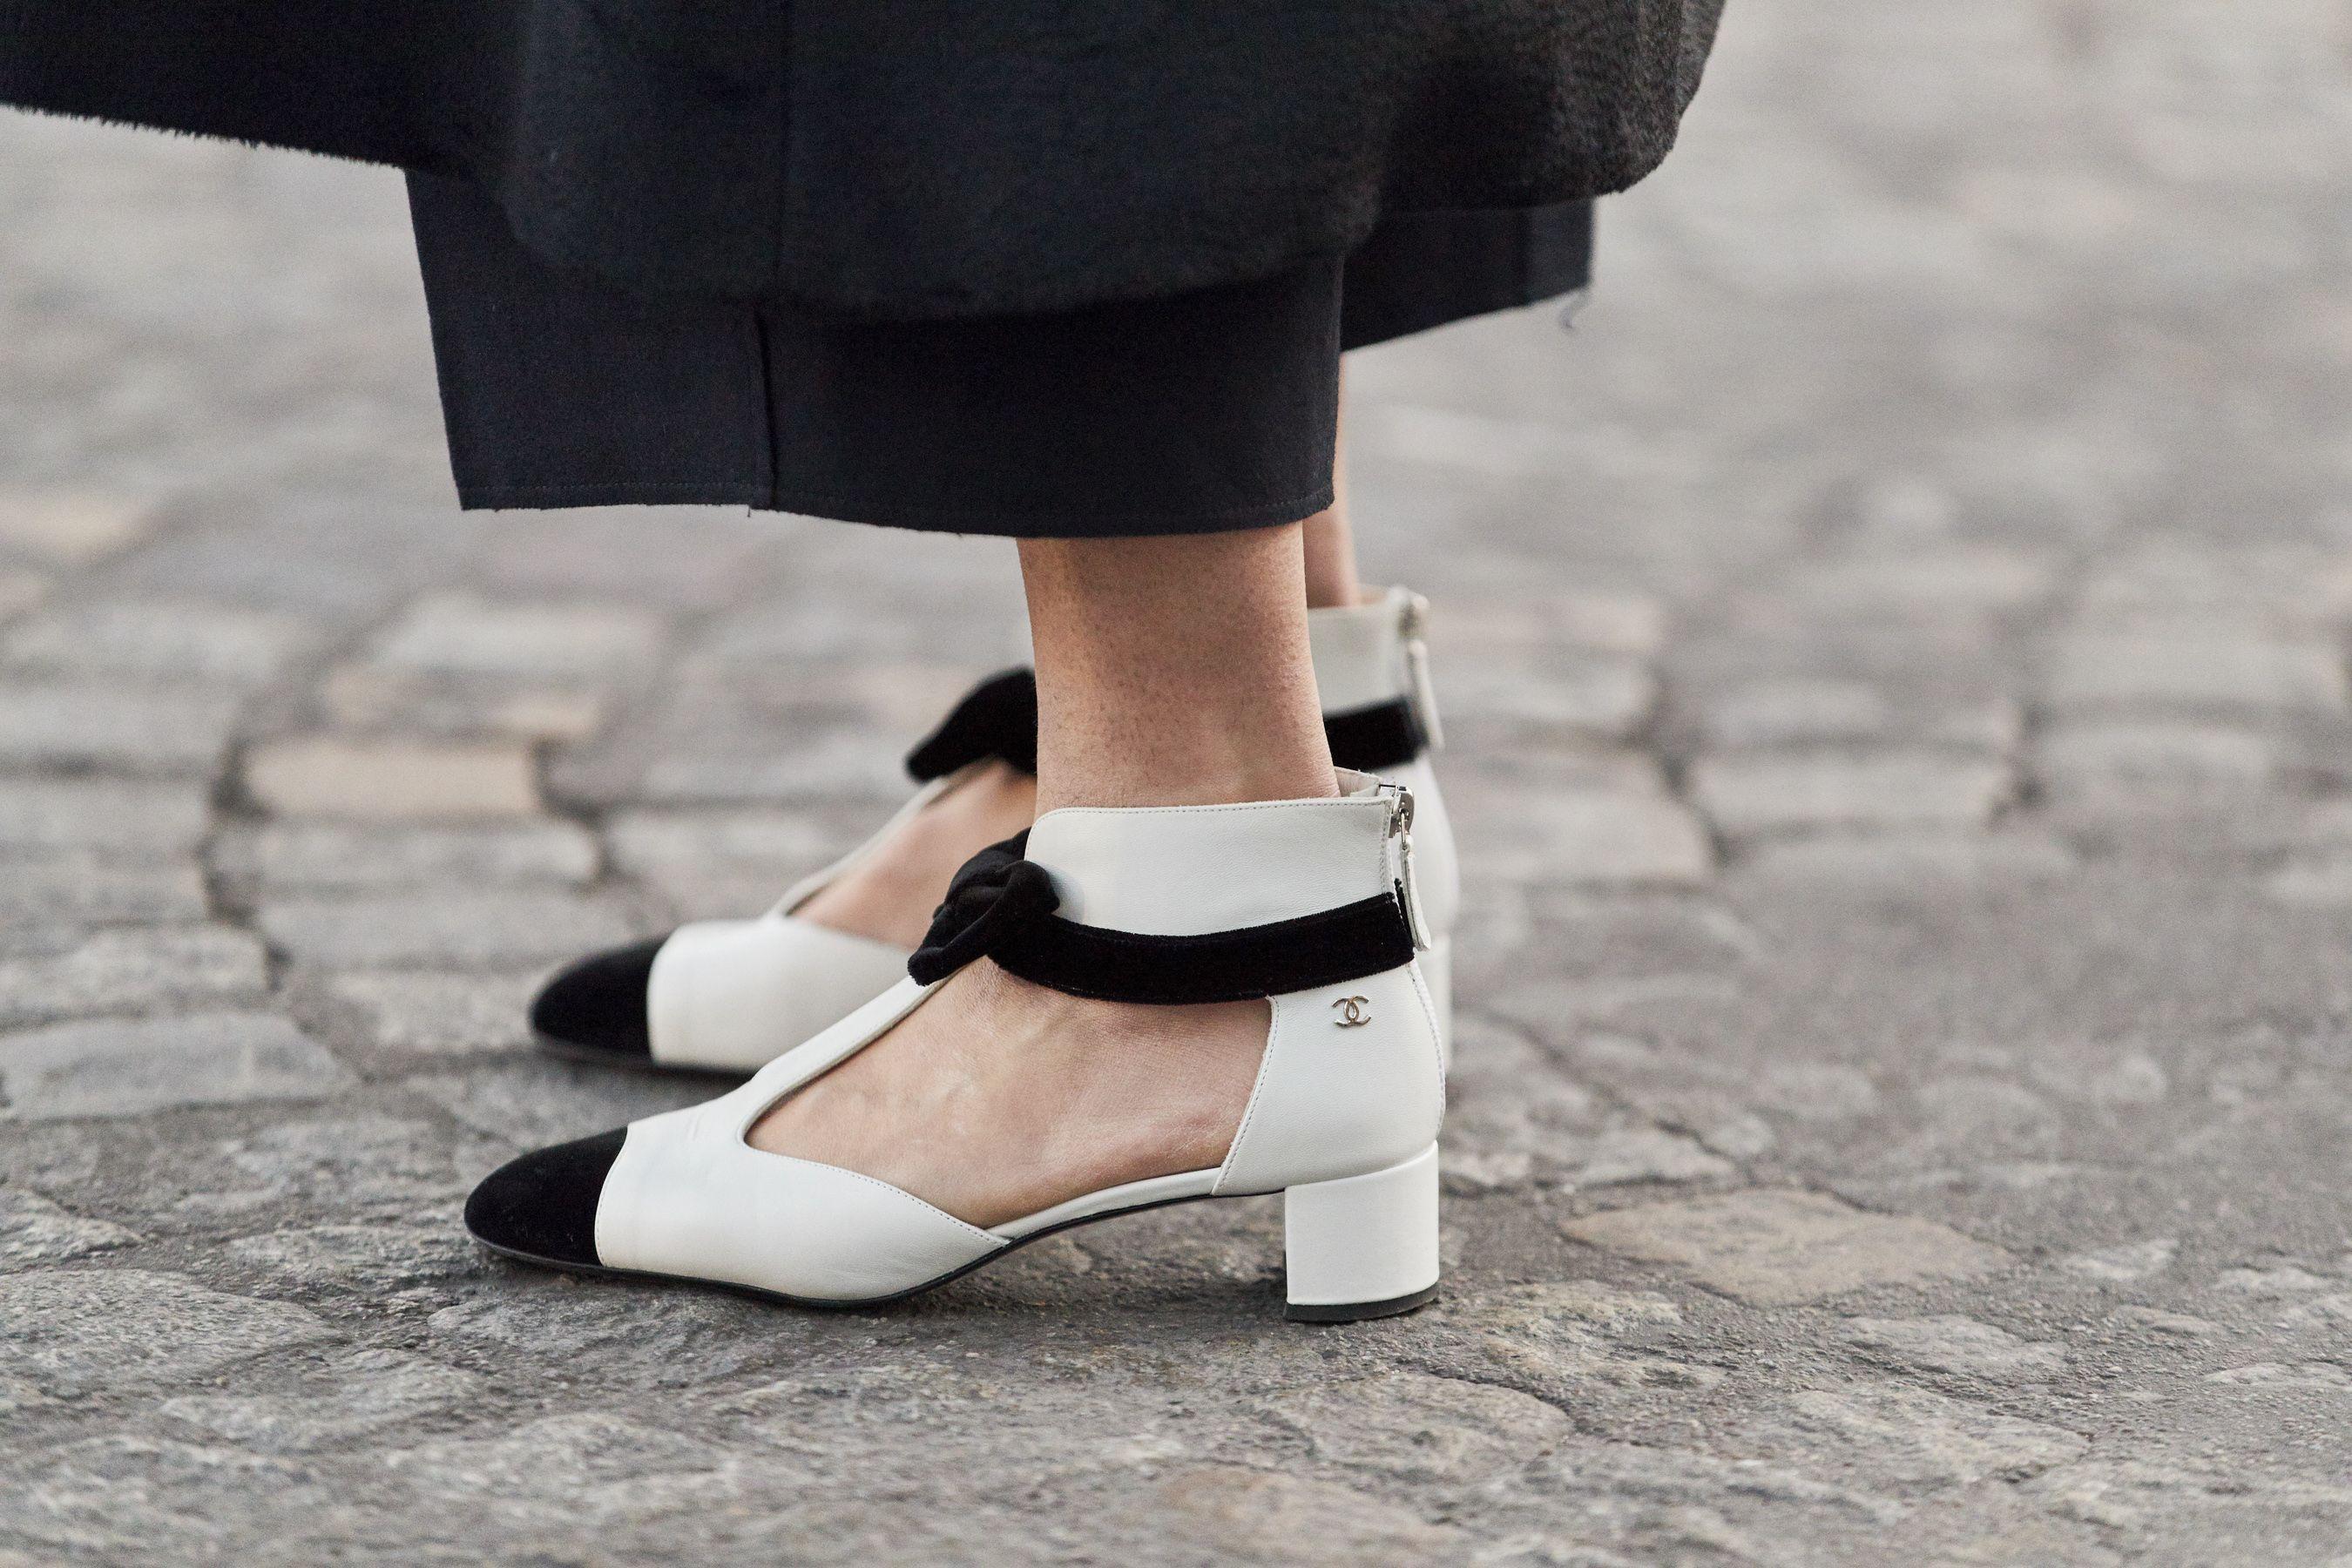 Los Mejores Zapatos De Moda Para Uso Diario (2020)